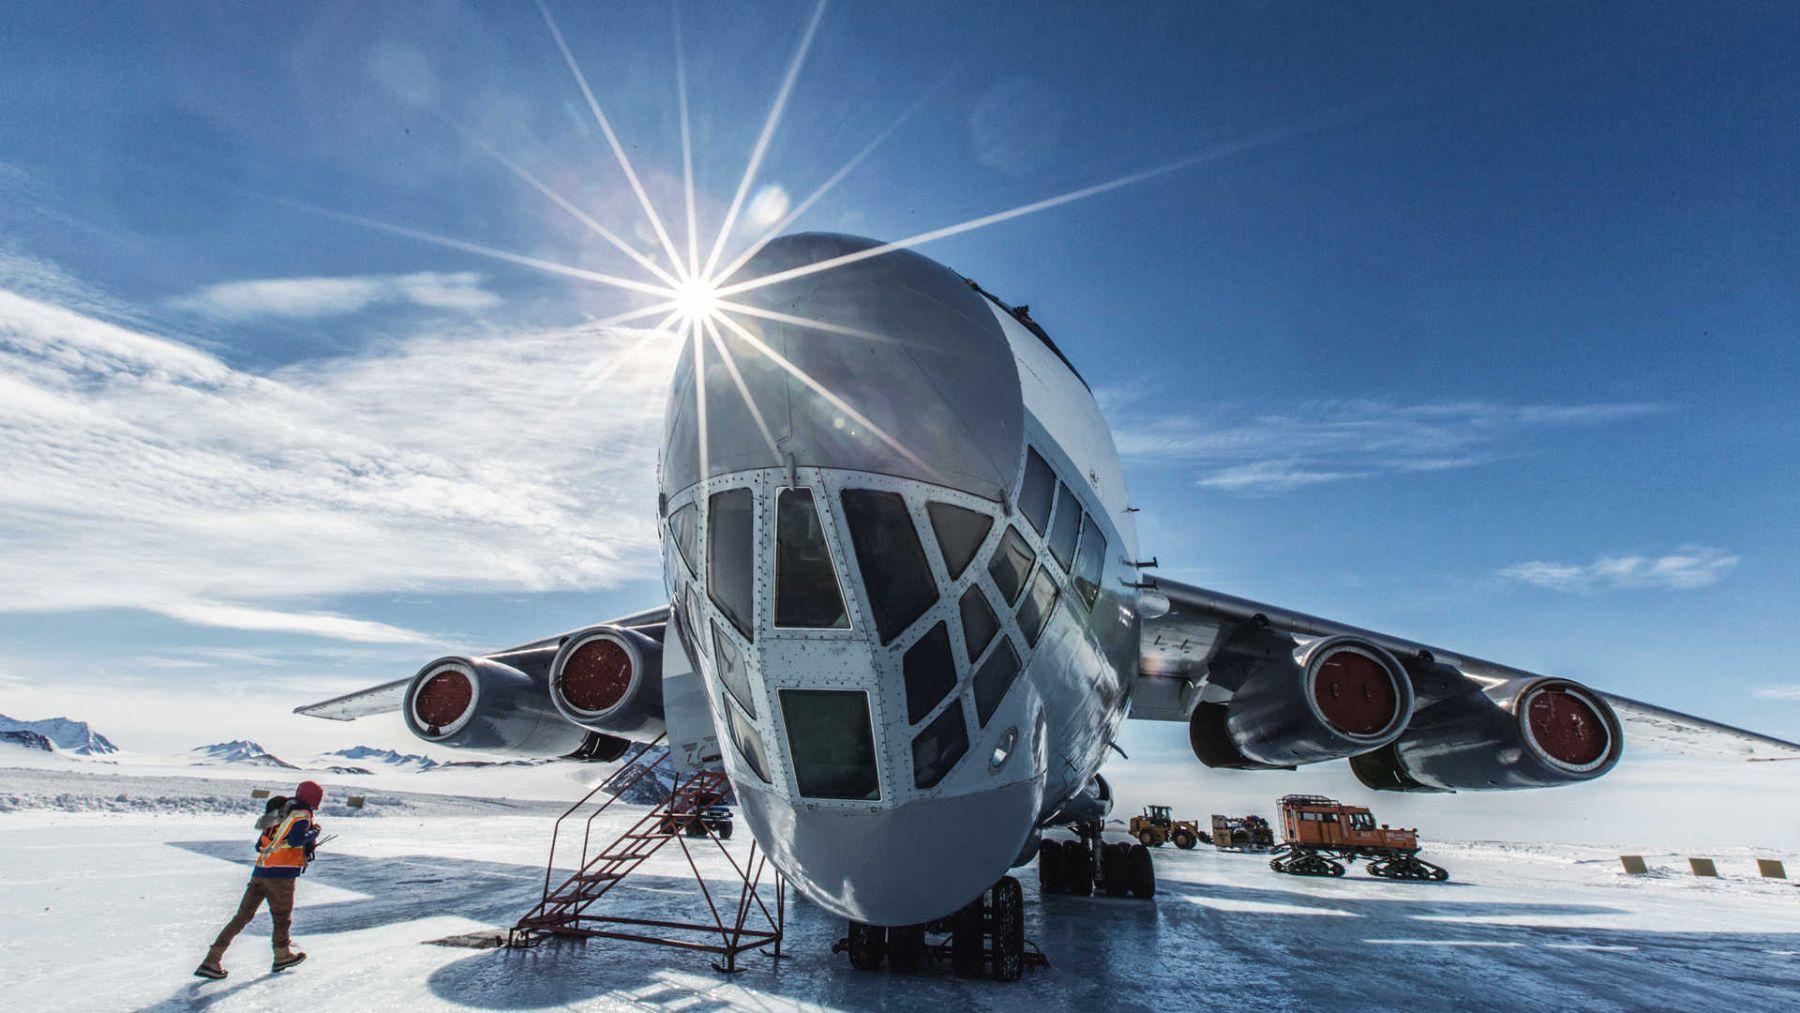 El avión de transporte